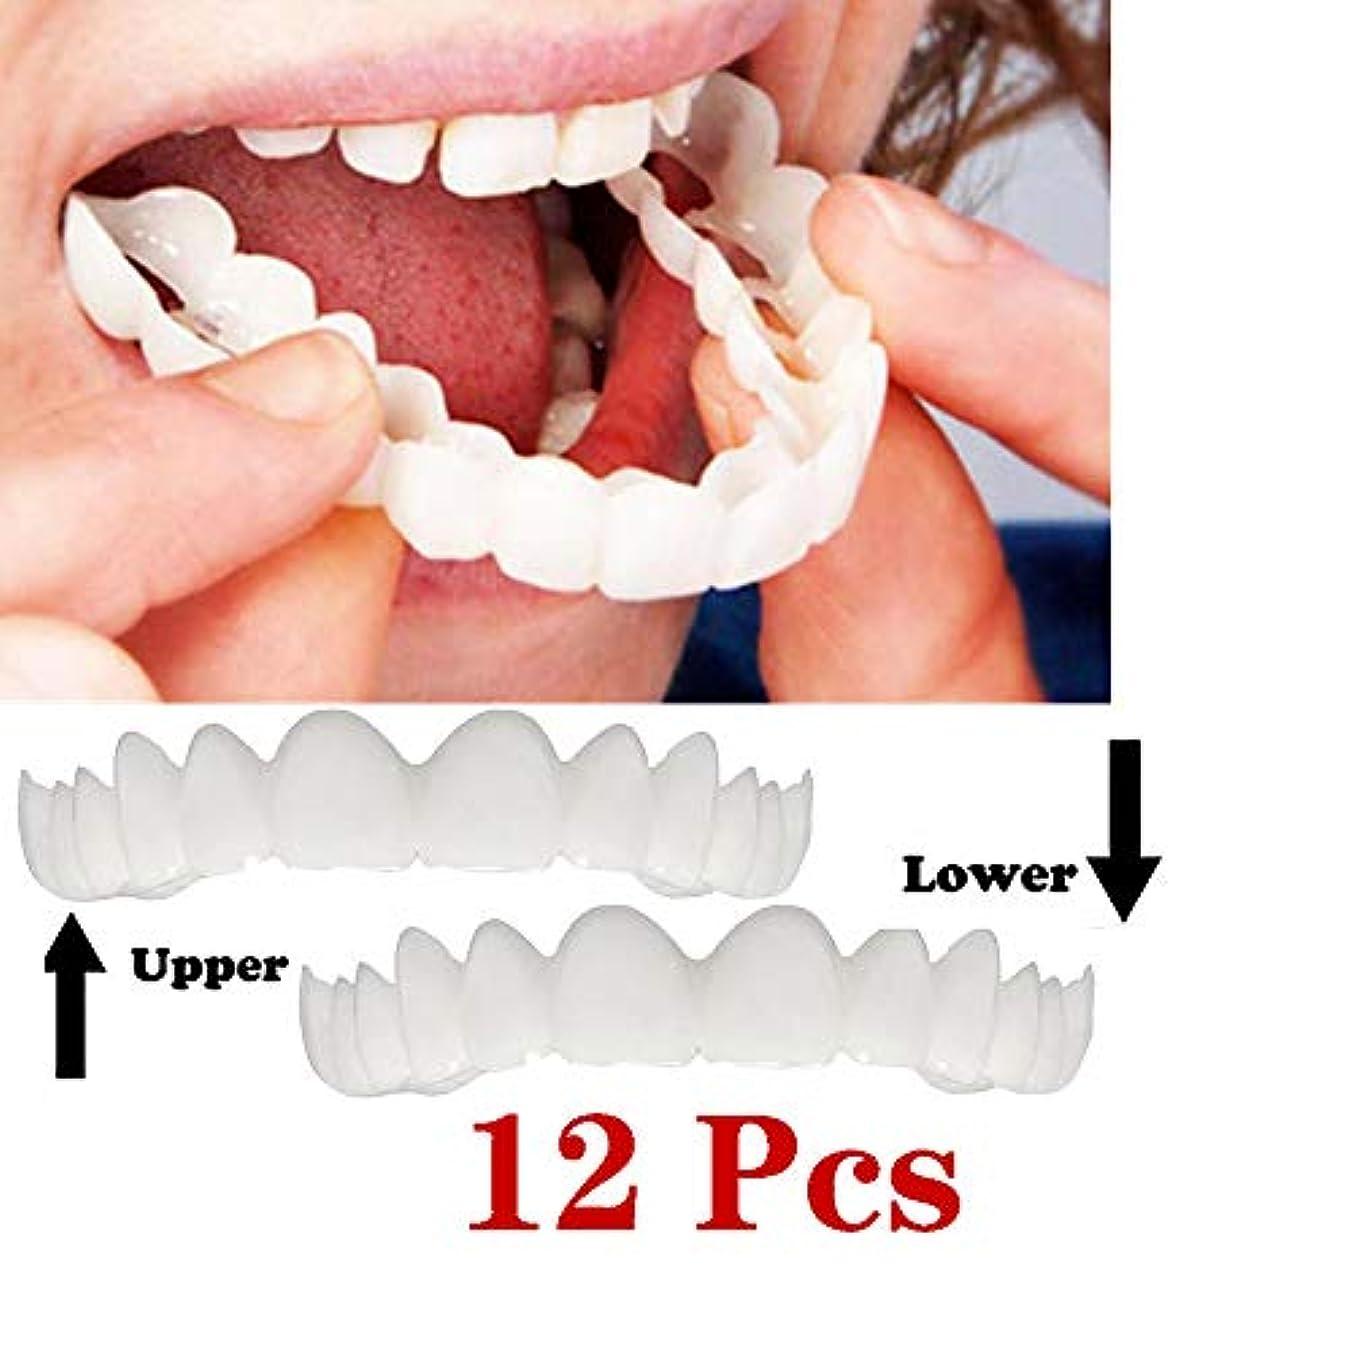 グレートオーク急ぐ等々快適な化粧品歯柔軟な義歯一時的な笑顔悪い歯黄色い歯黒い歯ホワイトニング義歯ケアブレース - 6セット(下+上)